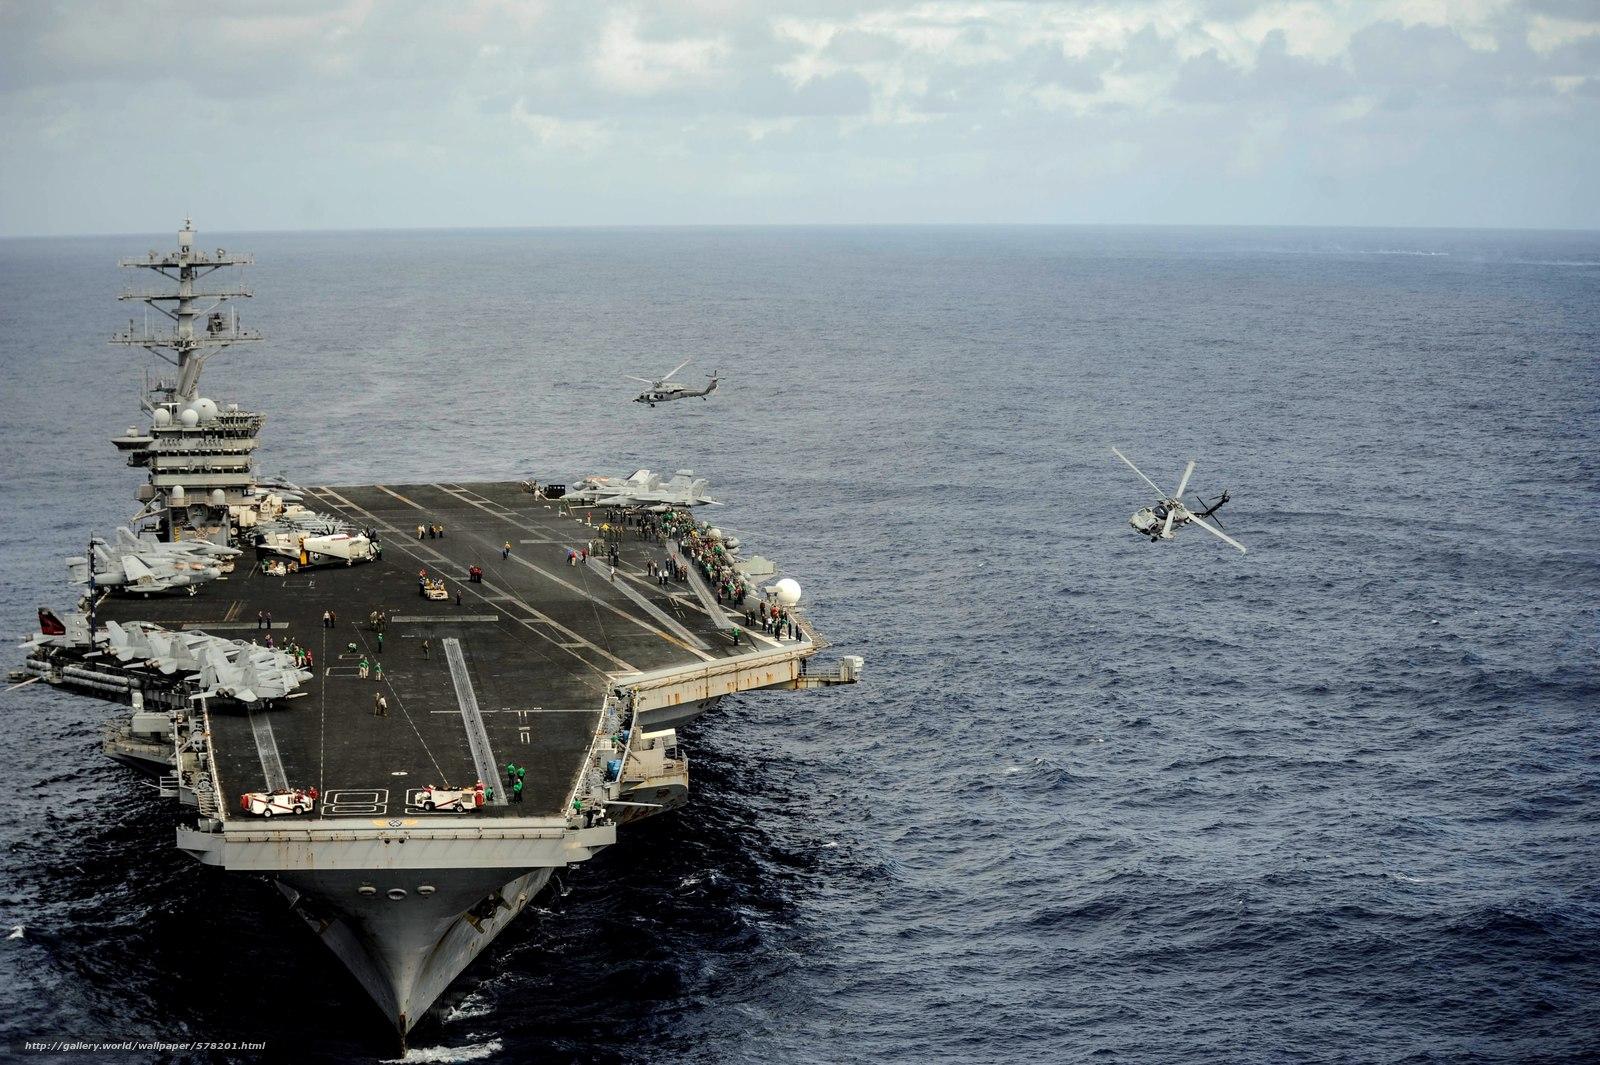 Скачать обои обслуживающий персонал,  самолёты,  многоцелевые вертолеты,  море бесплатно для рабочего стола в разрешении 4256x2832 — картинка №578201